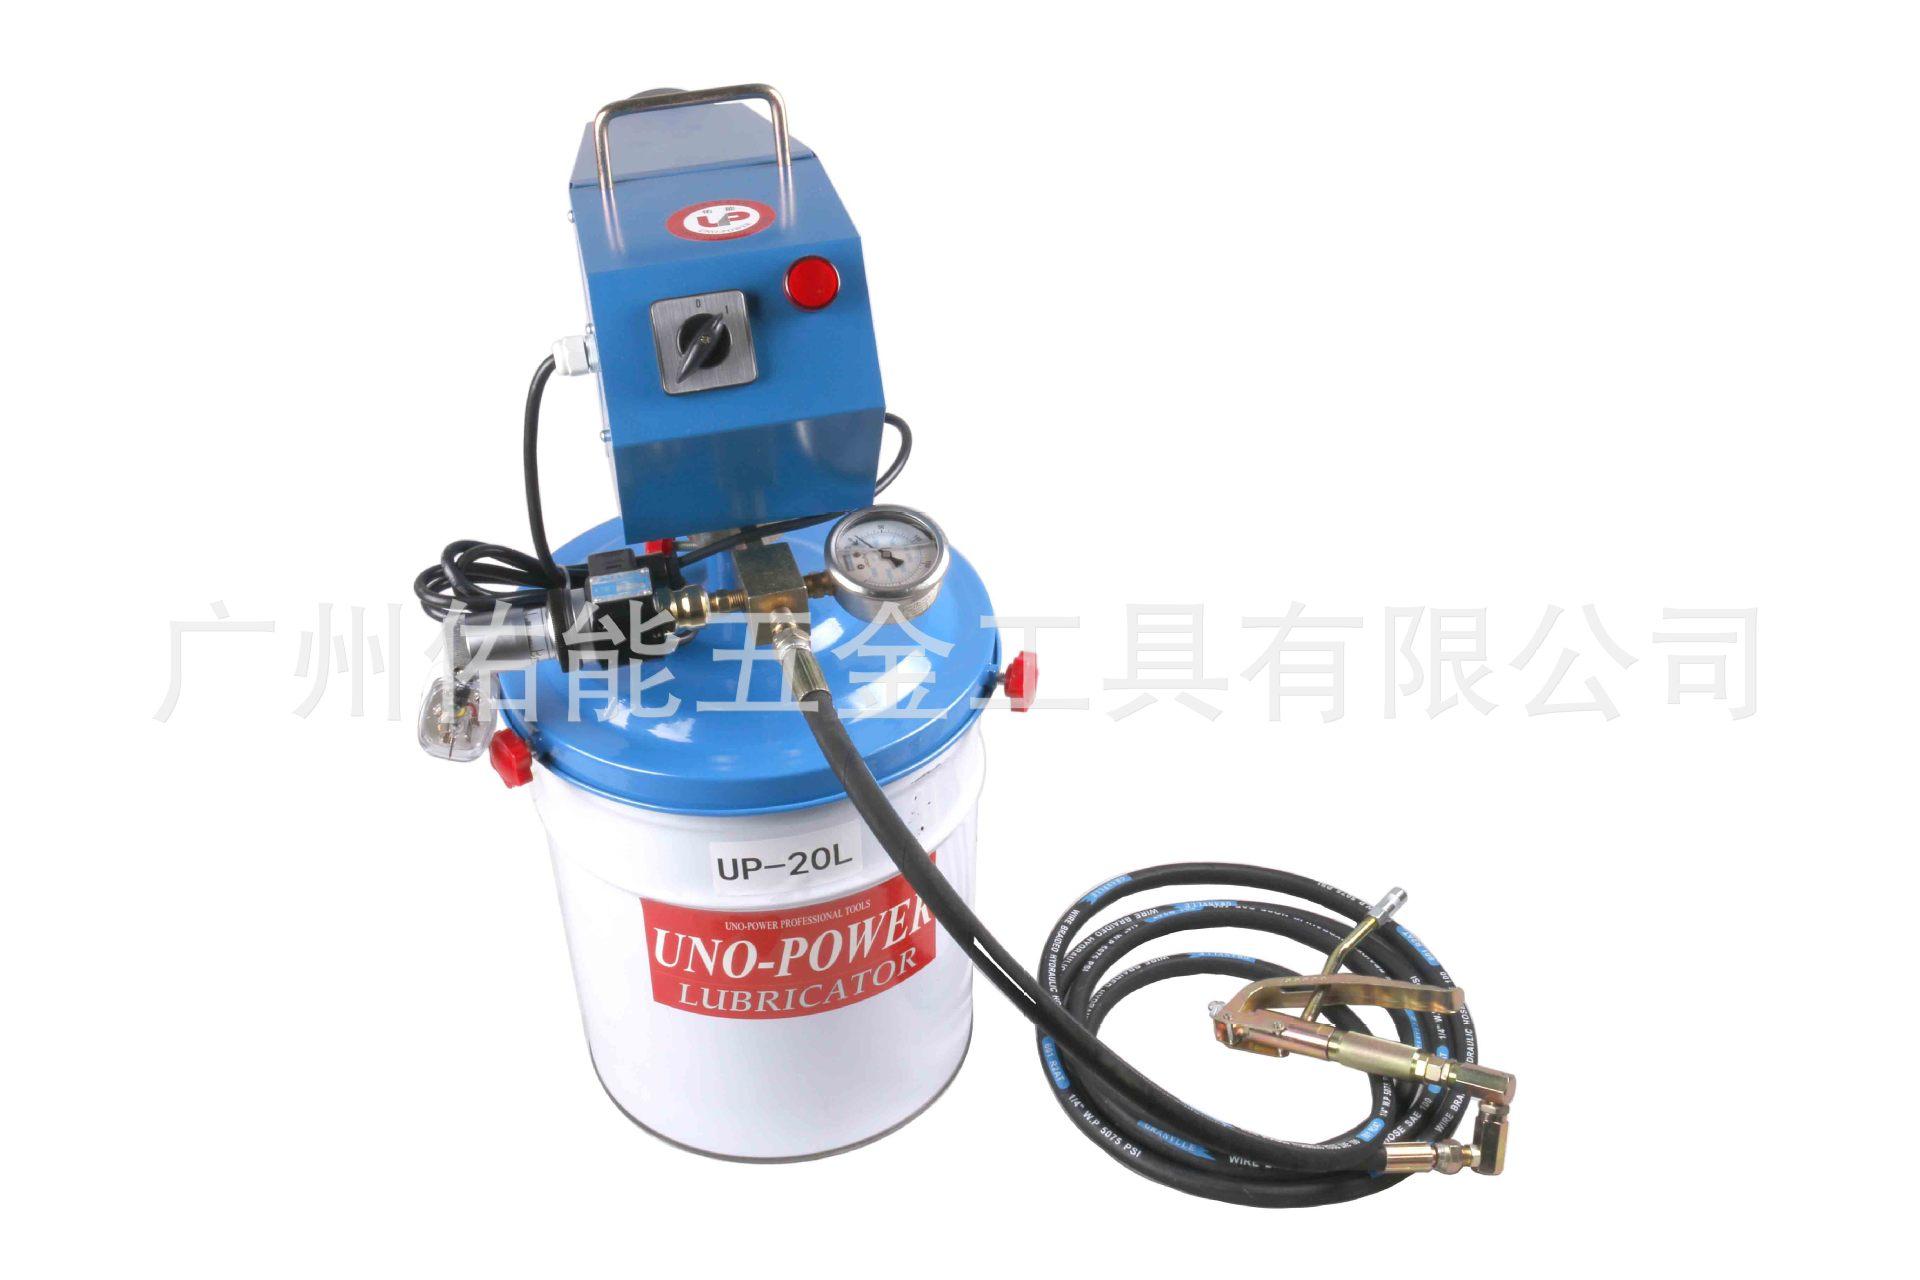 批发台湾uno-power电动注油器UP-20L,UP-40L